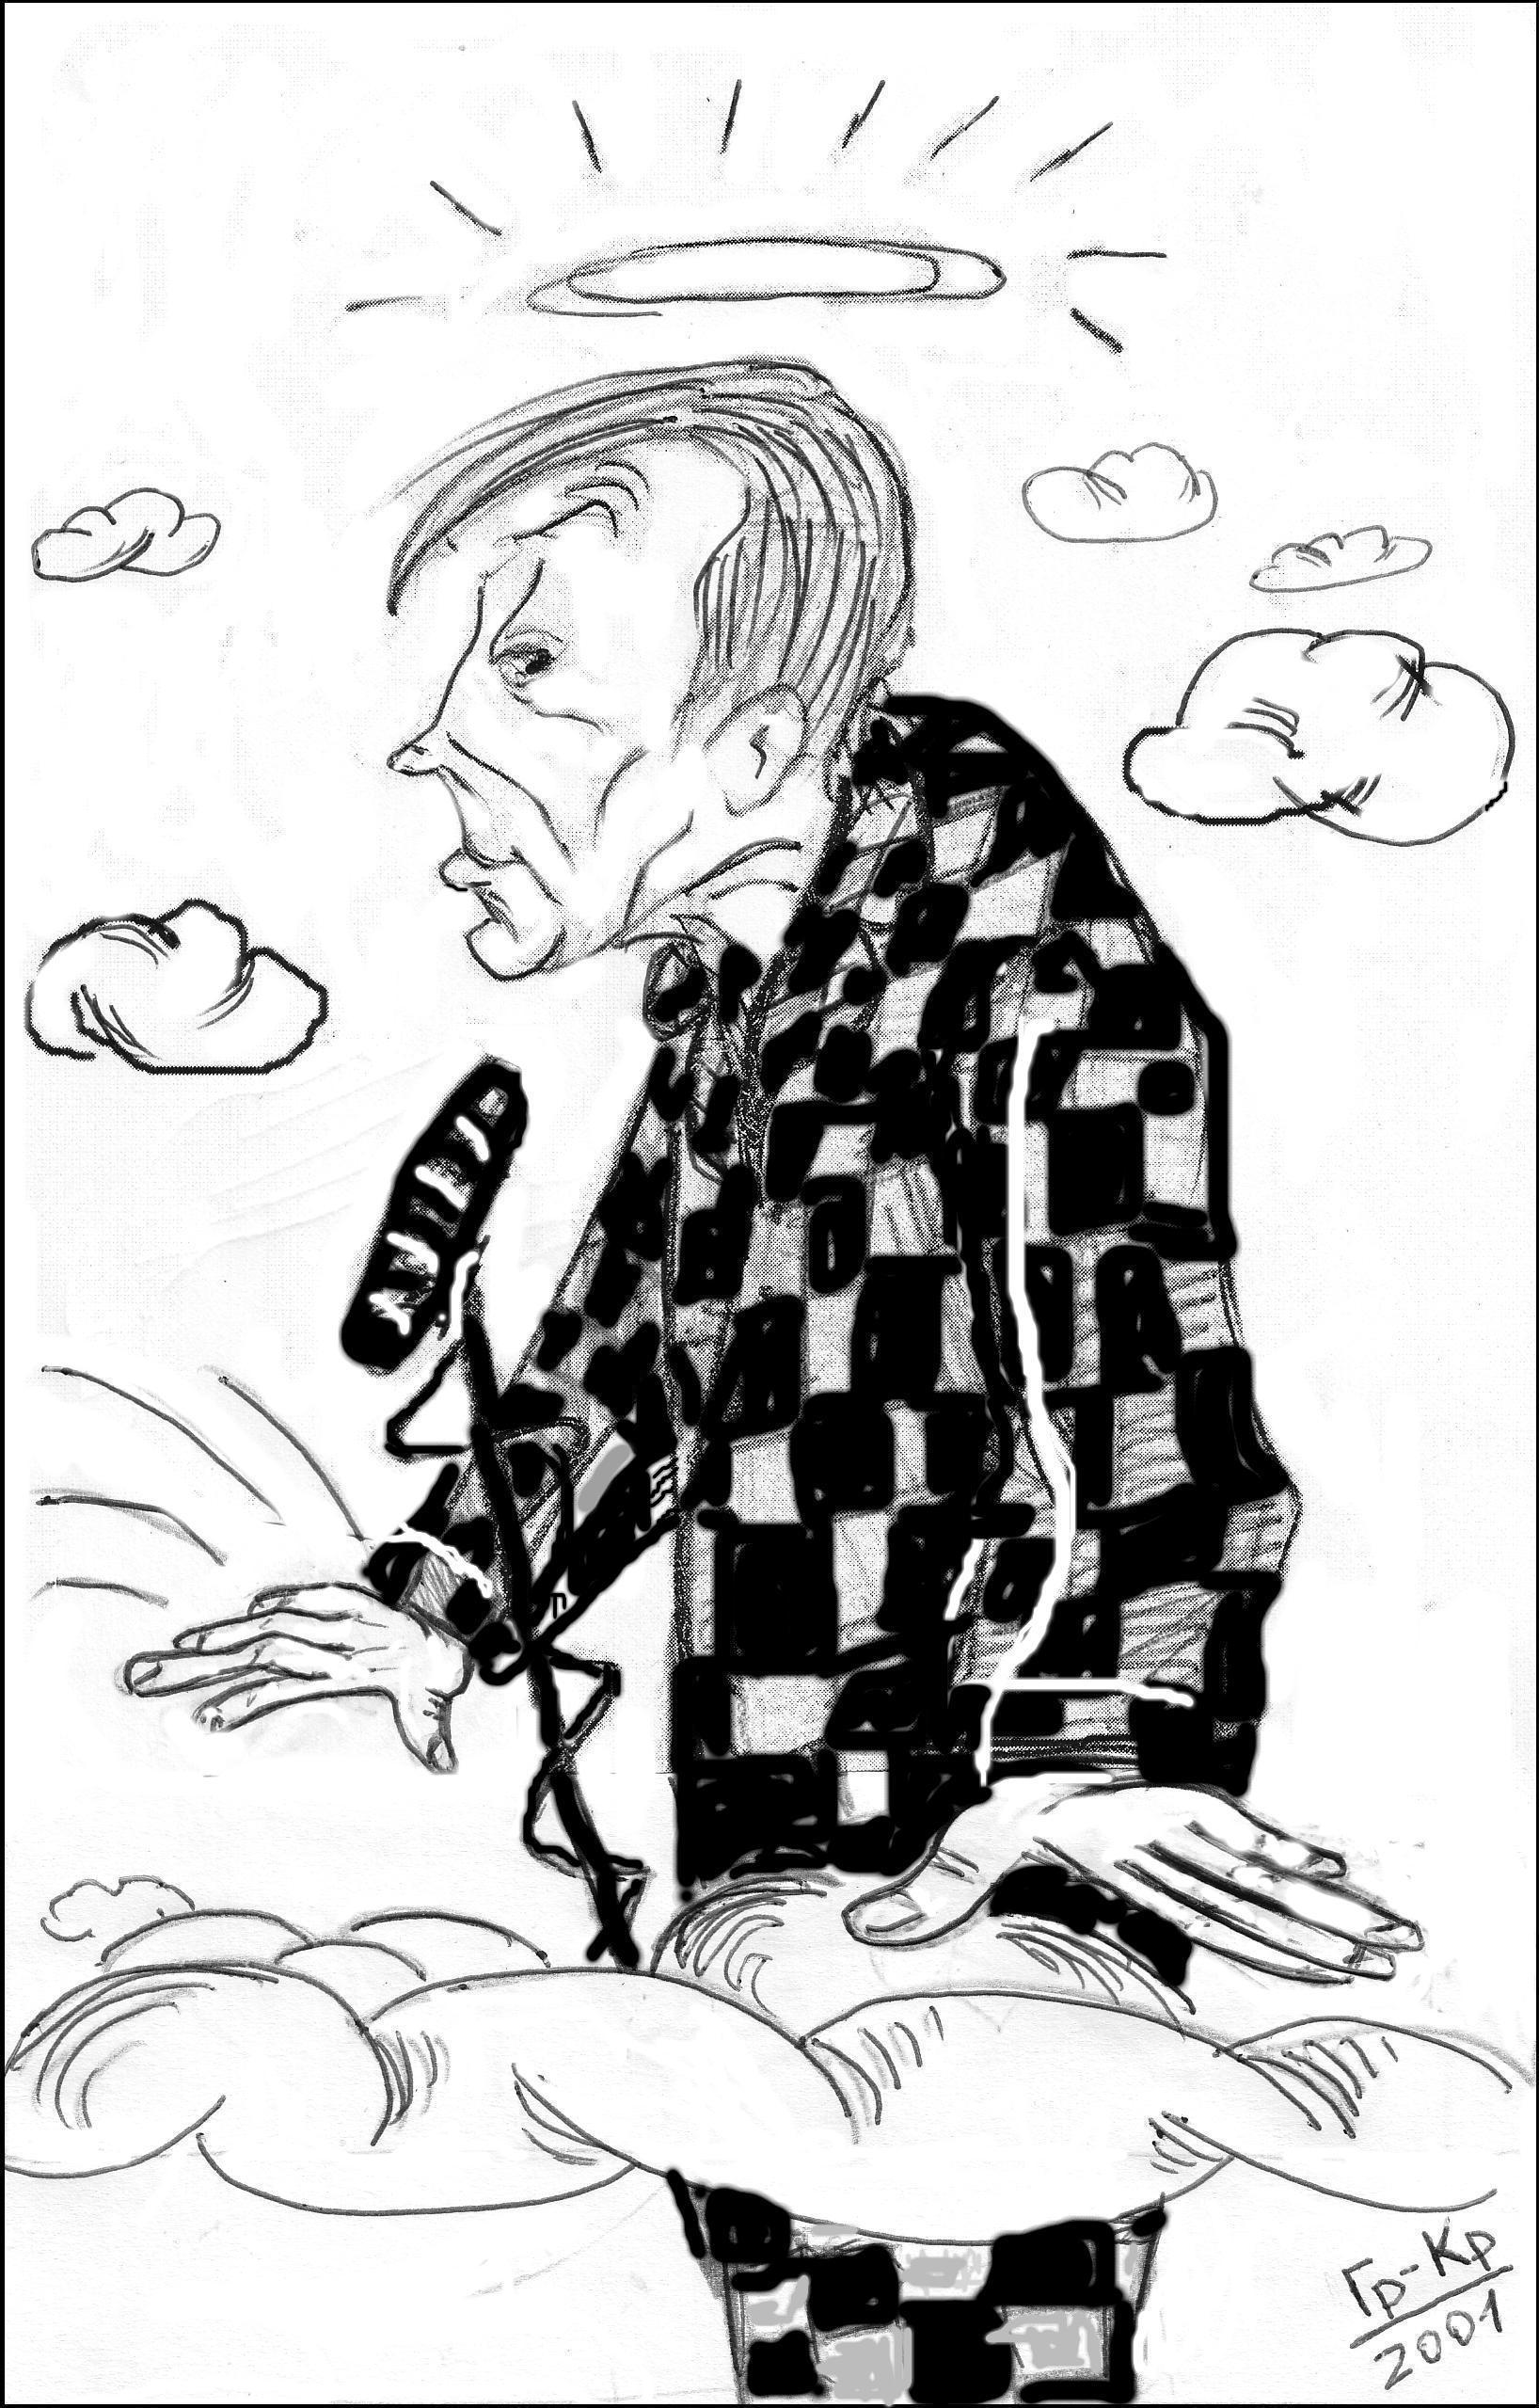 Григорий Крошин: Три встречи с Поэтом